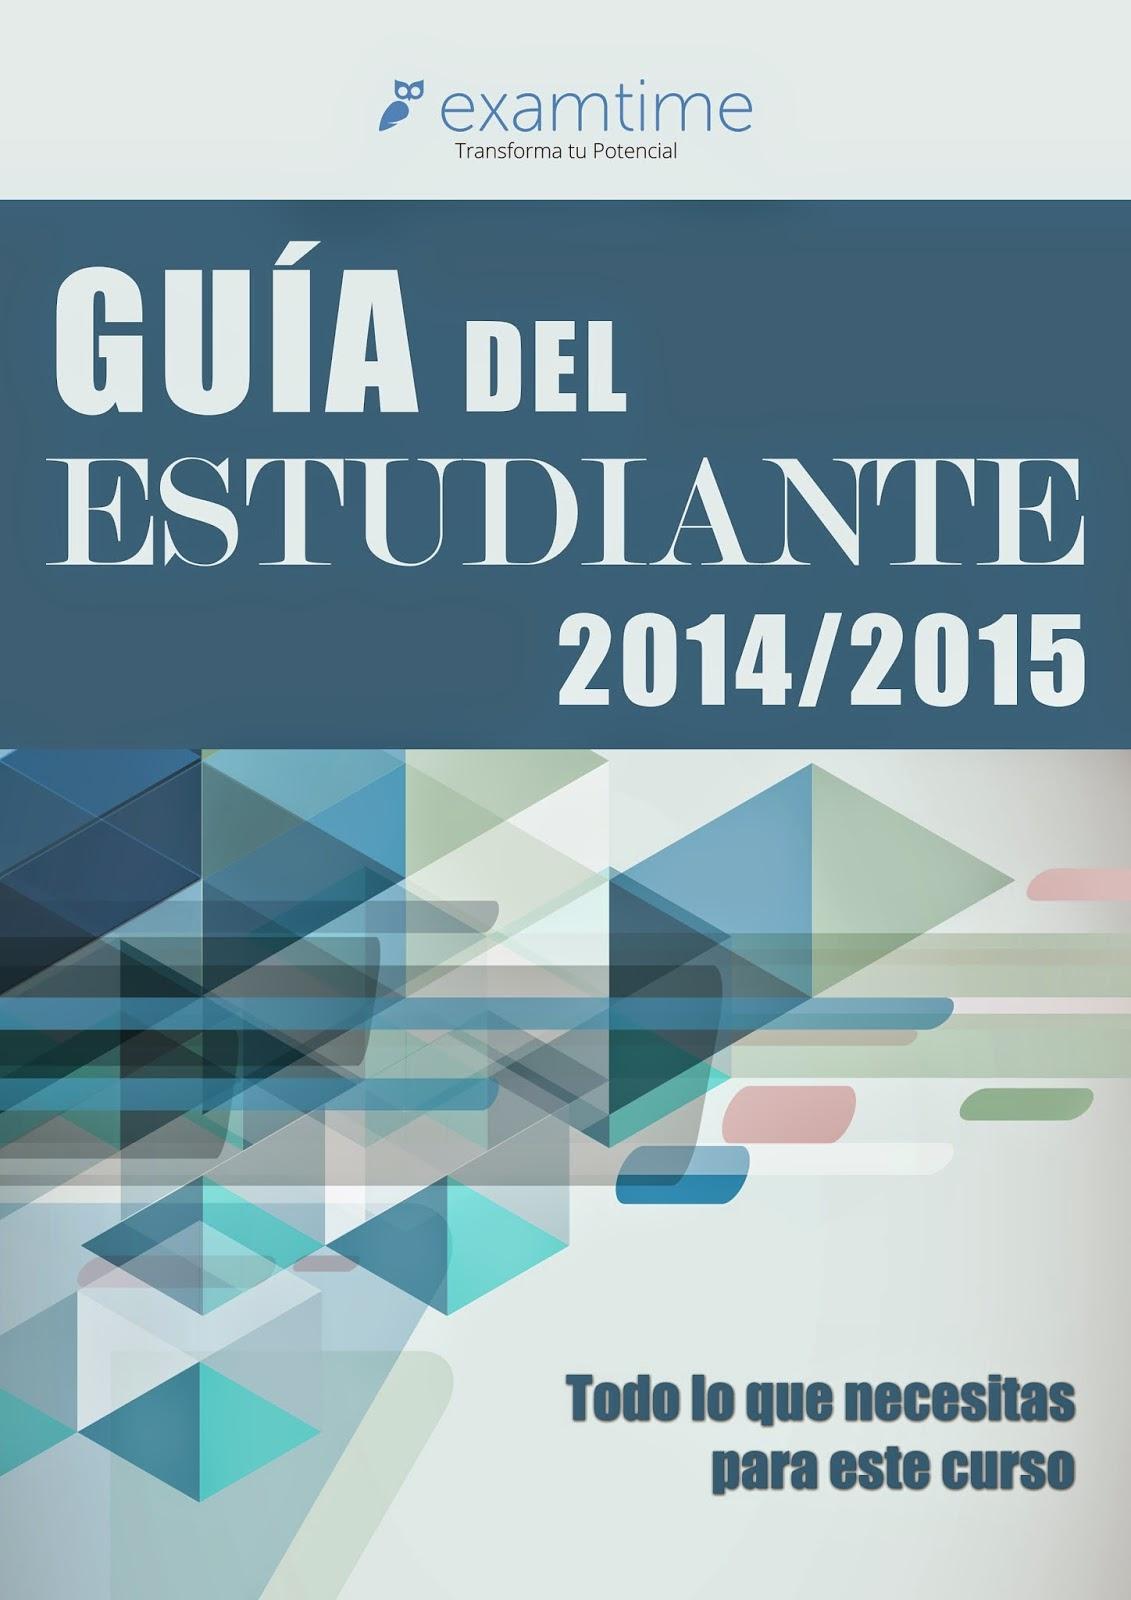 https://s3-eu-west-1.amazonaws.com/examtime-guides/Guia-del-Estudiante-2014-2015-ExamTime.pdf